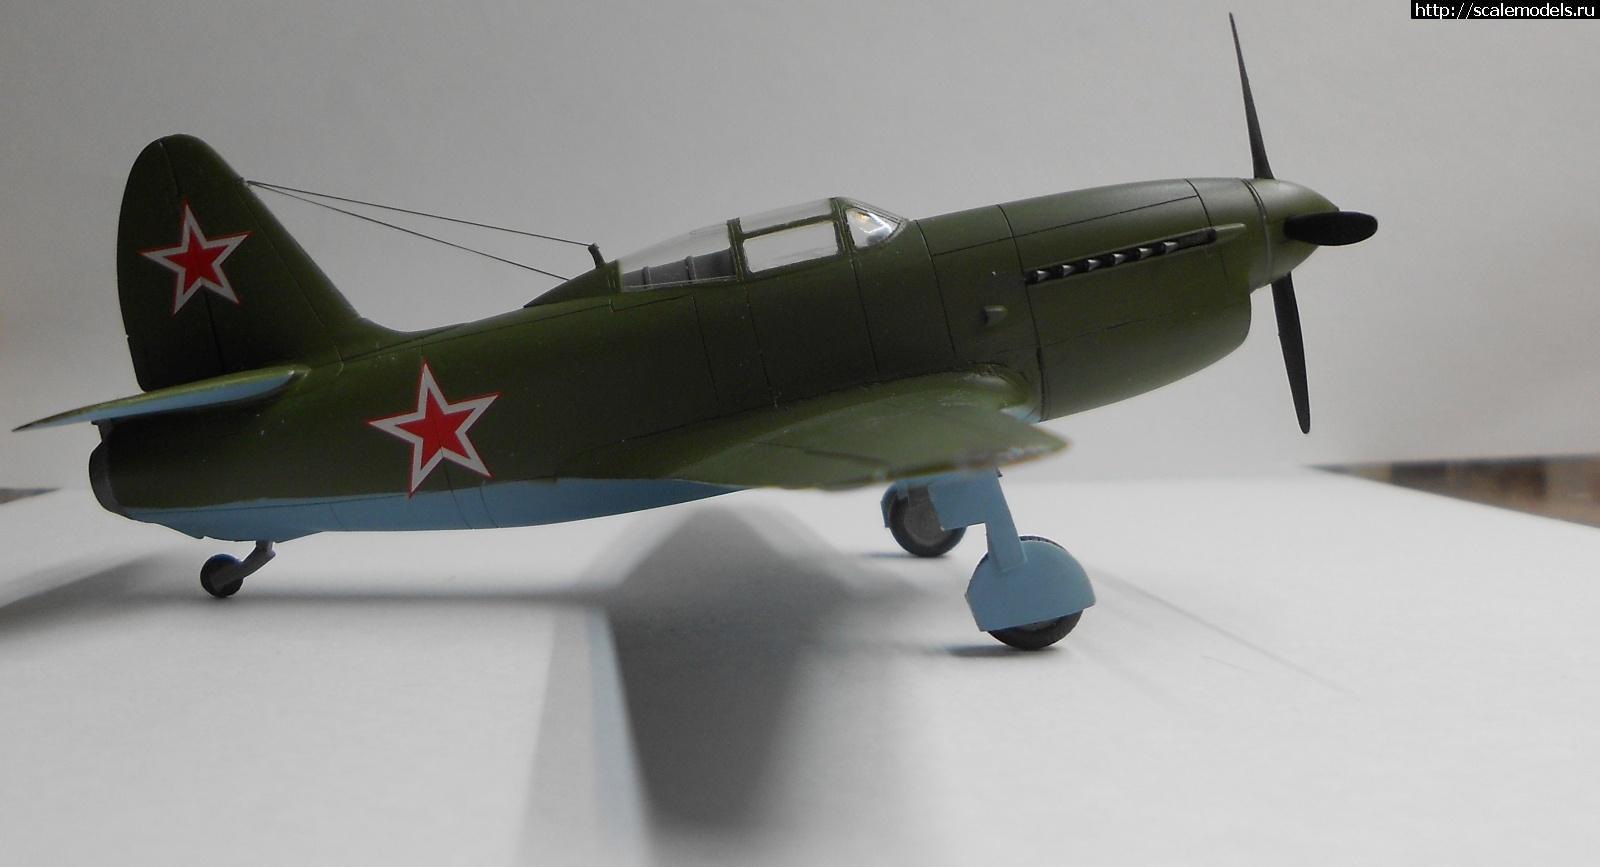 #1597164/ Су-5 Prop&Jet 1/72 поддержка ГОТОВО Закрыть окно